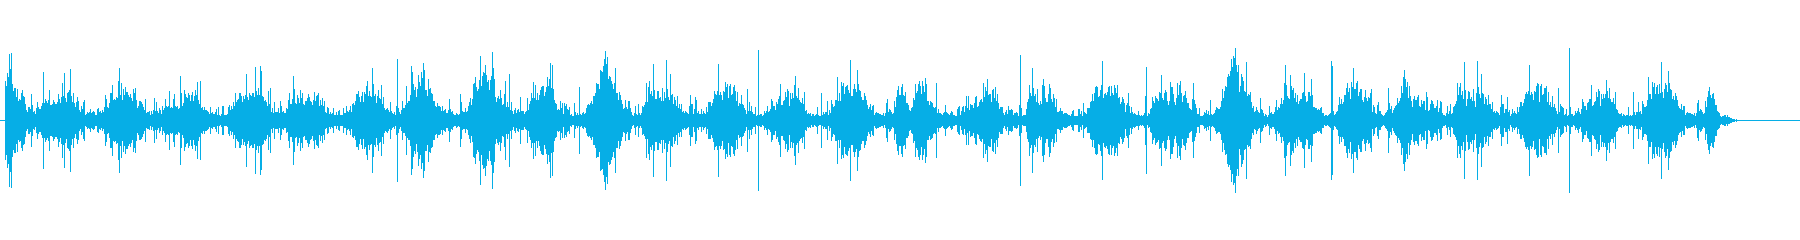 ボートカヌーパドル-カヌーパドル、...の再生済みの波形